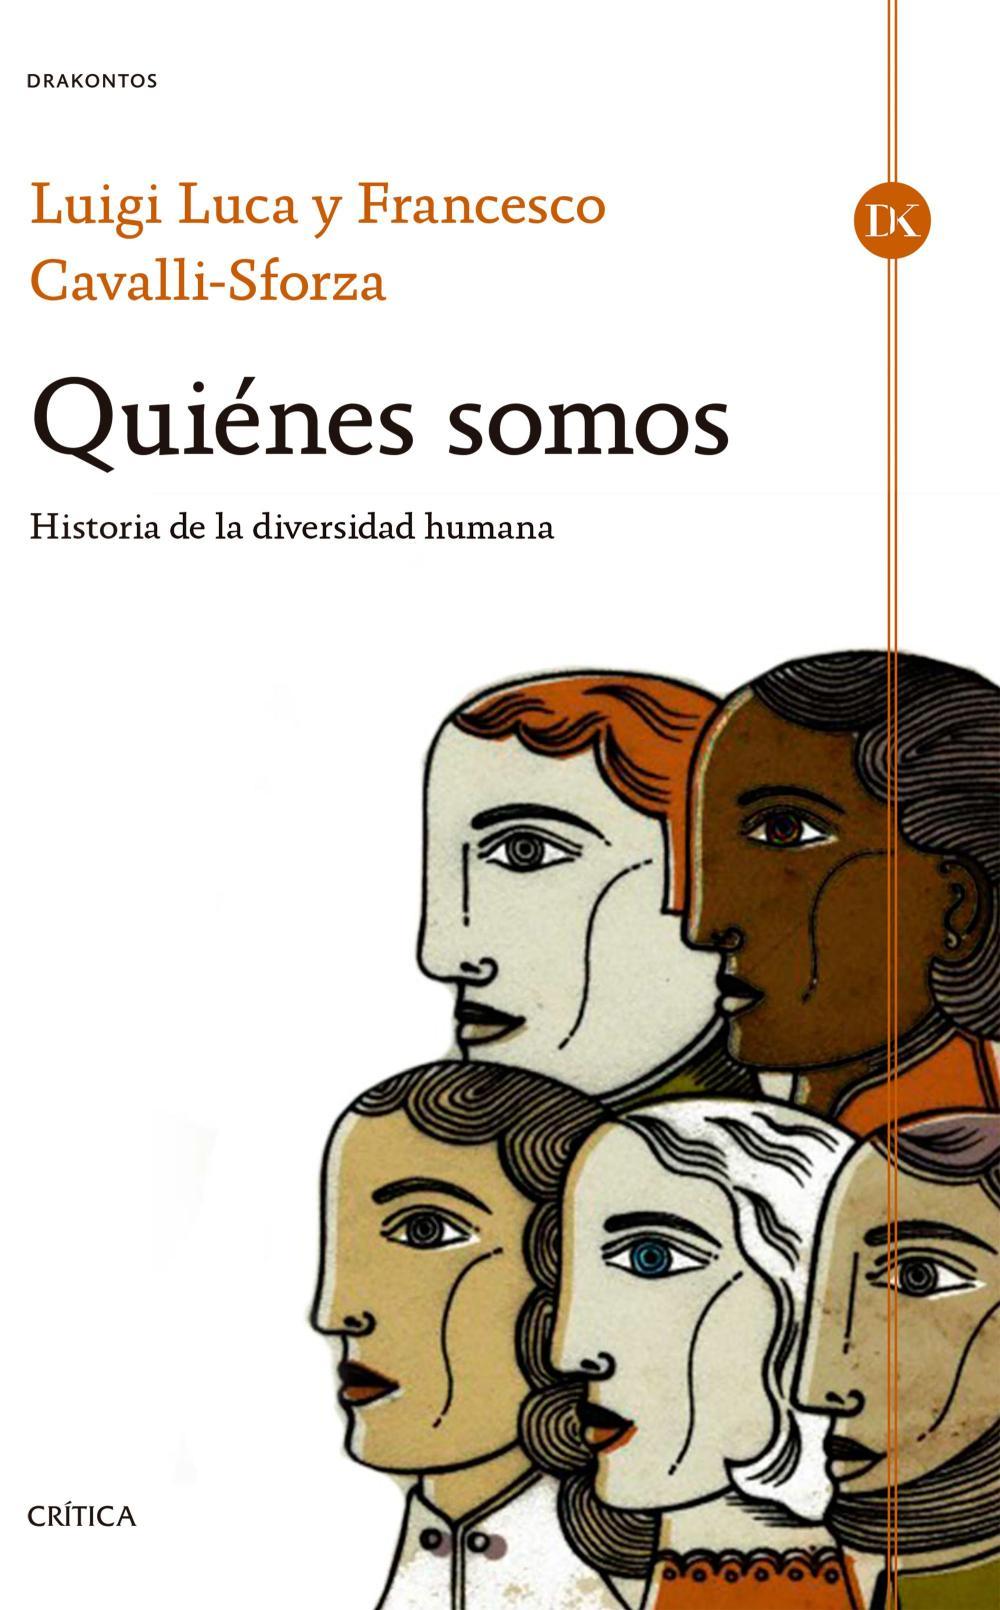 Quiénes somos